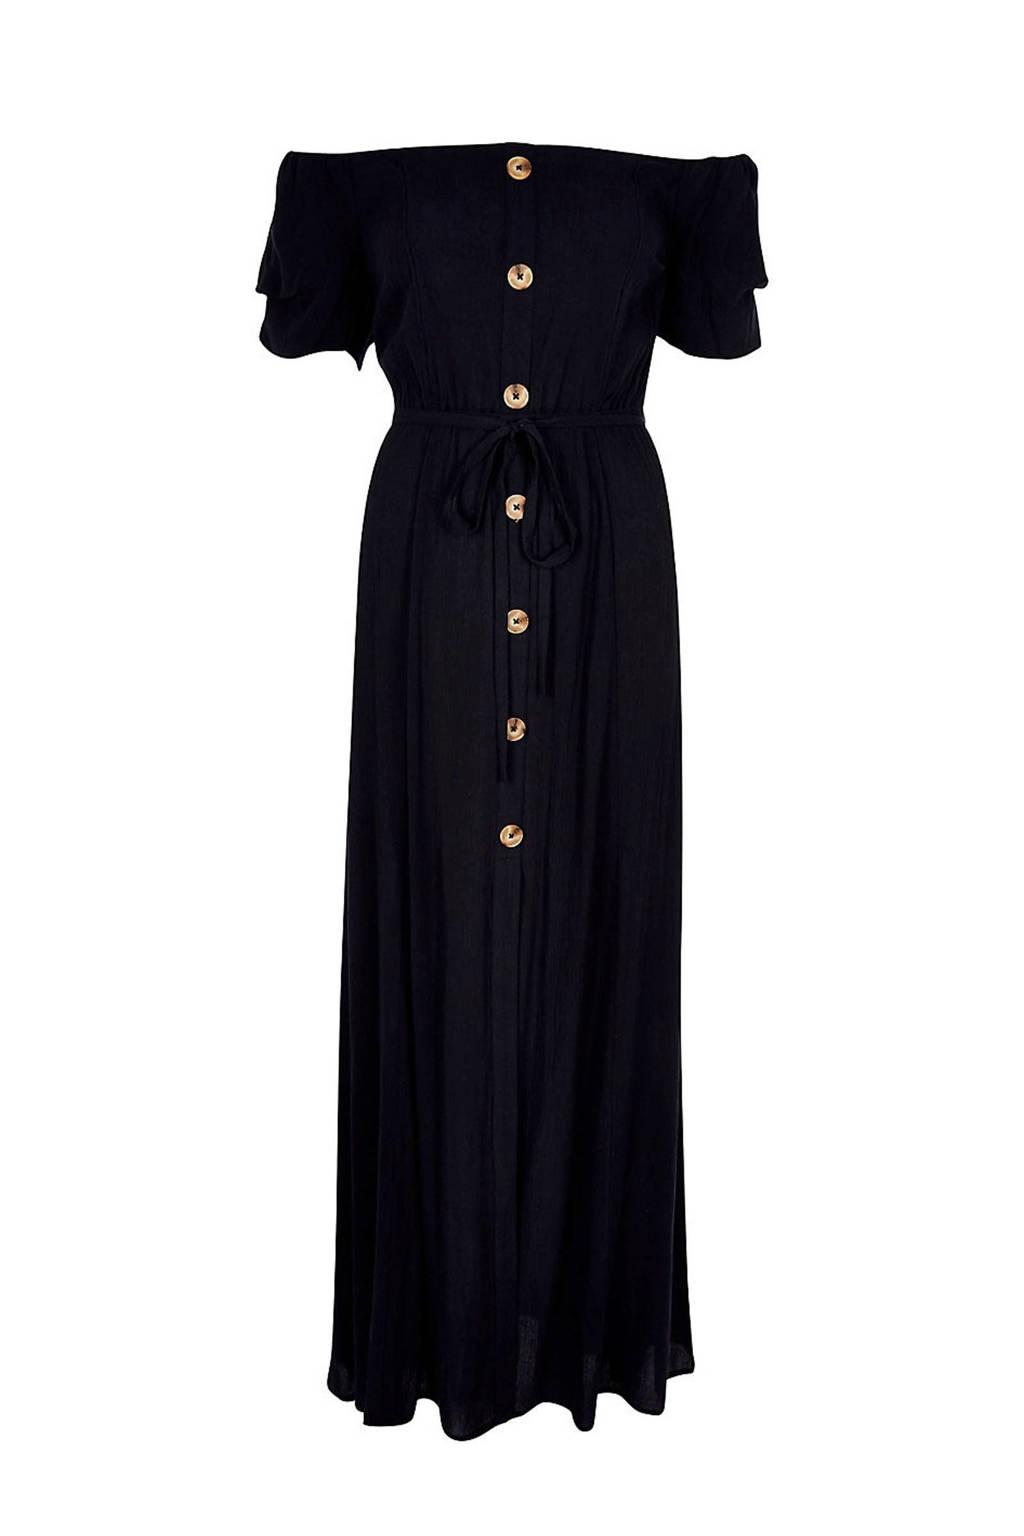 River Island off shoulder jurk met knopen donkerblauw, Donkerblauw